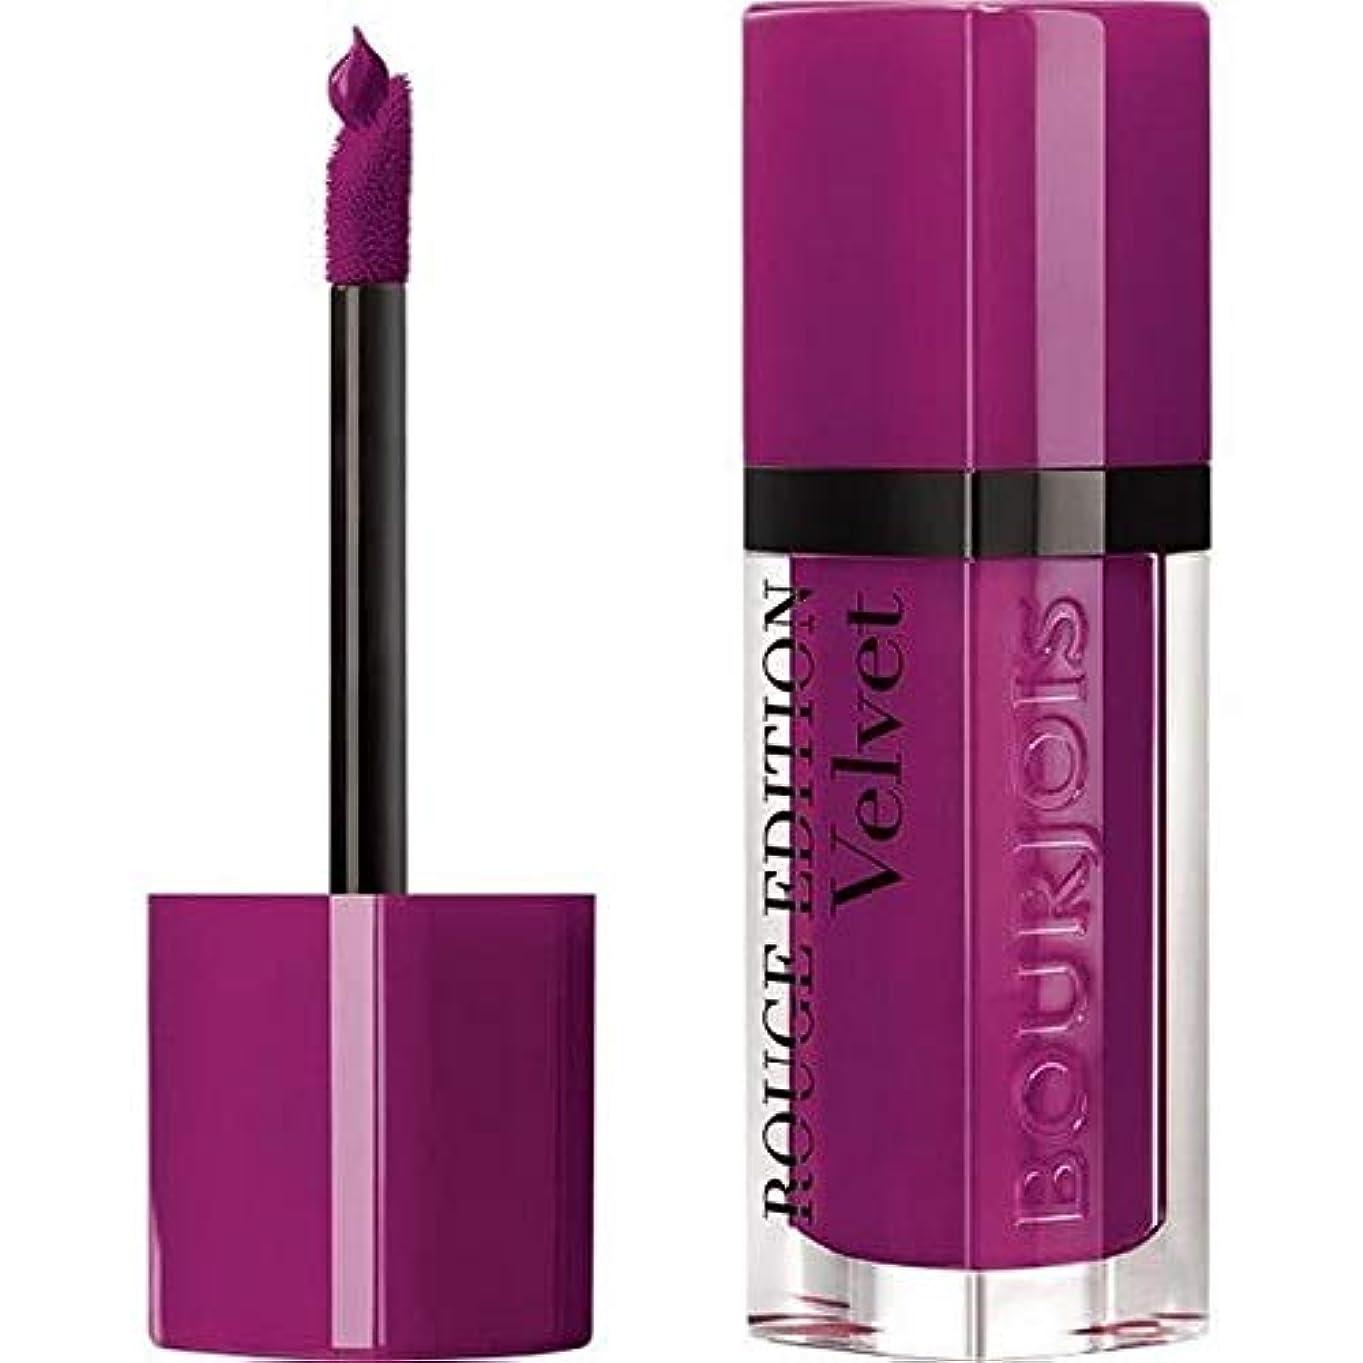 肌計画的発言する[Bourjois ] ブルジョワ口紅ルージュ版ベルベット21 Saperliprunette - Bourjois Lipstick Rouge Edition Velvet 21 Saperliprunette [並行輸入品]